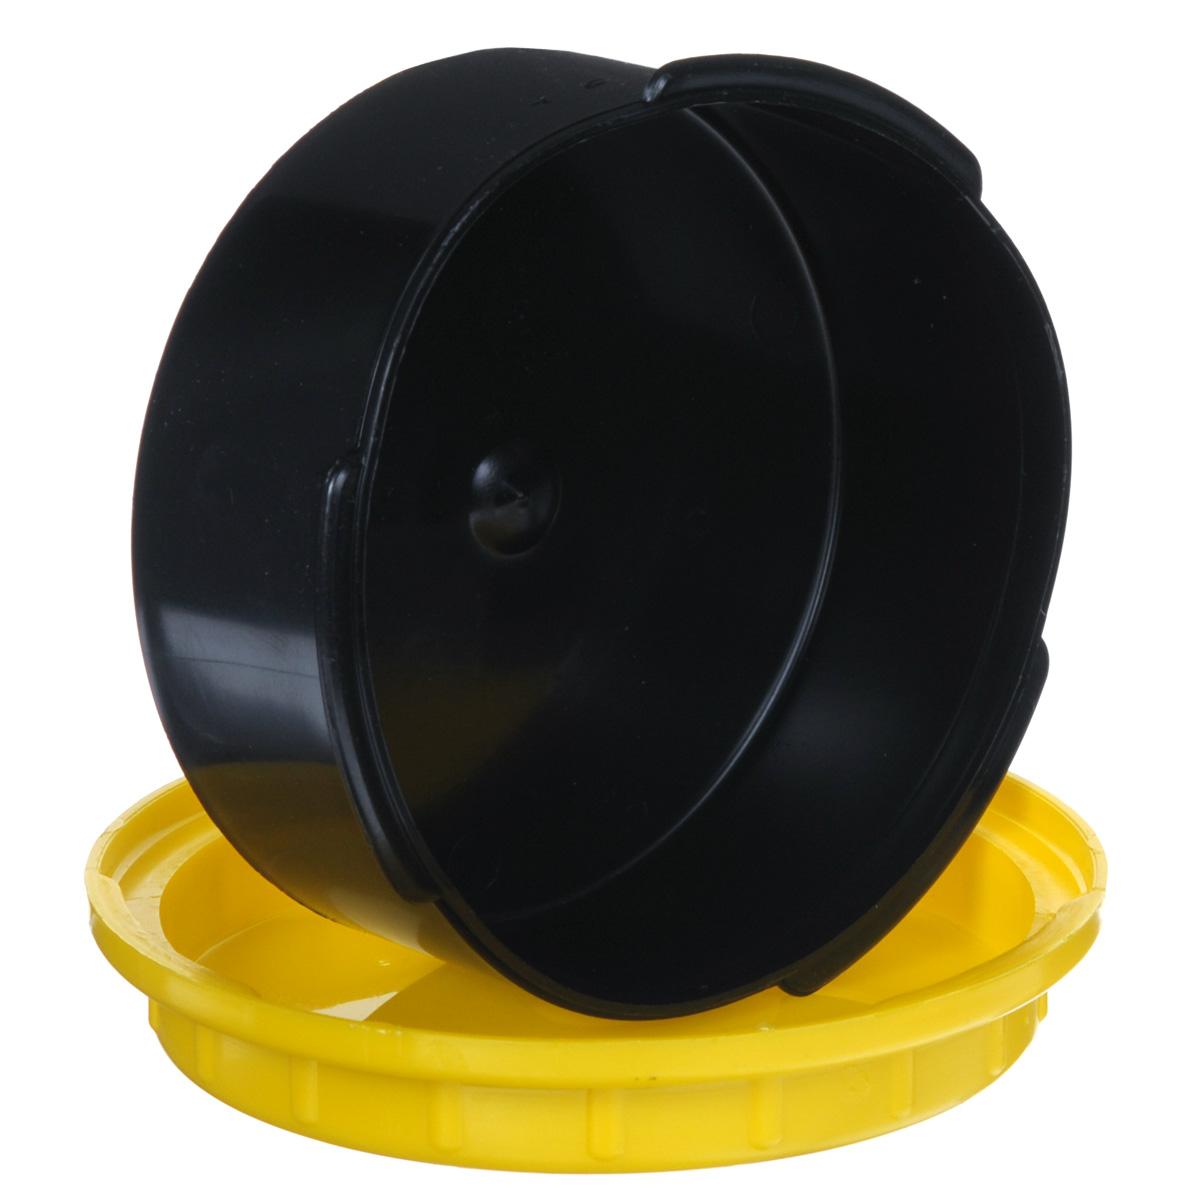 Банка для мотыля Тонар13-22-1-007Банка для мотыля Тонар предназначена для хранения насадок. Выполнена из прочного морозостойкого пластика. В крышке имеются отверстия, которые позволяют дышать мотылю.